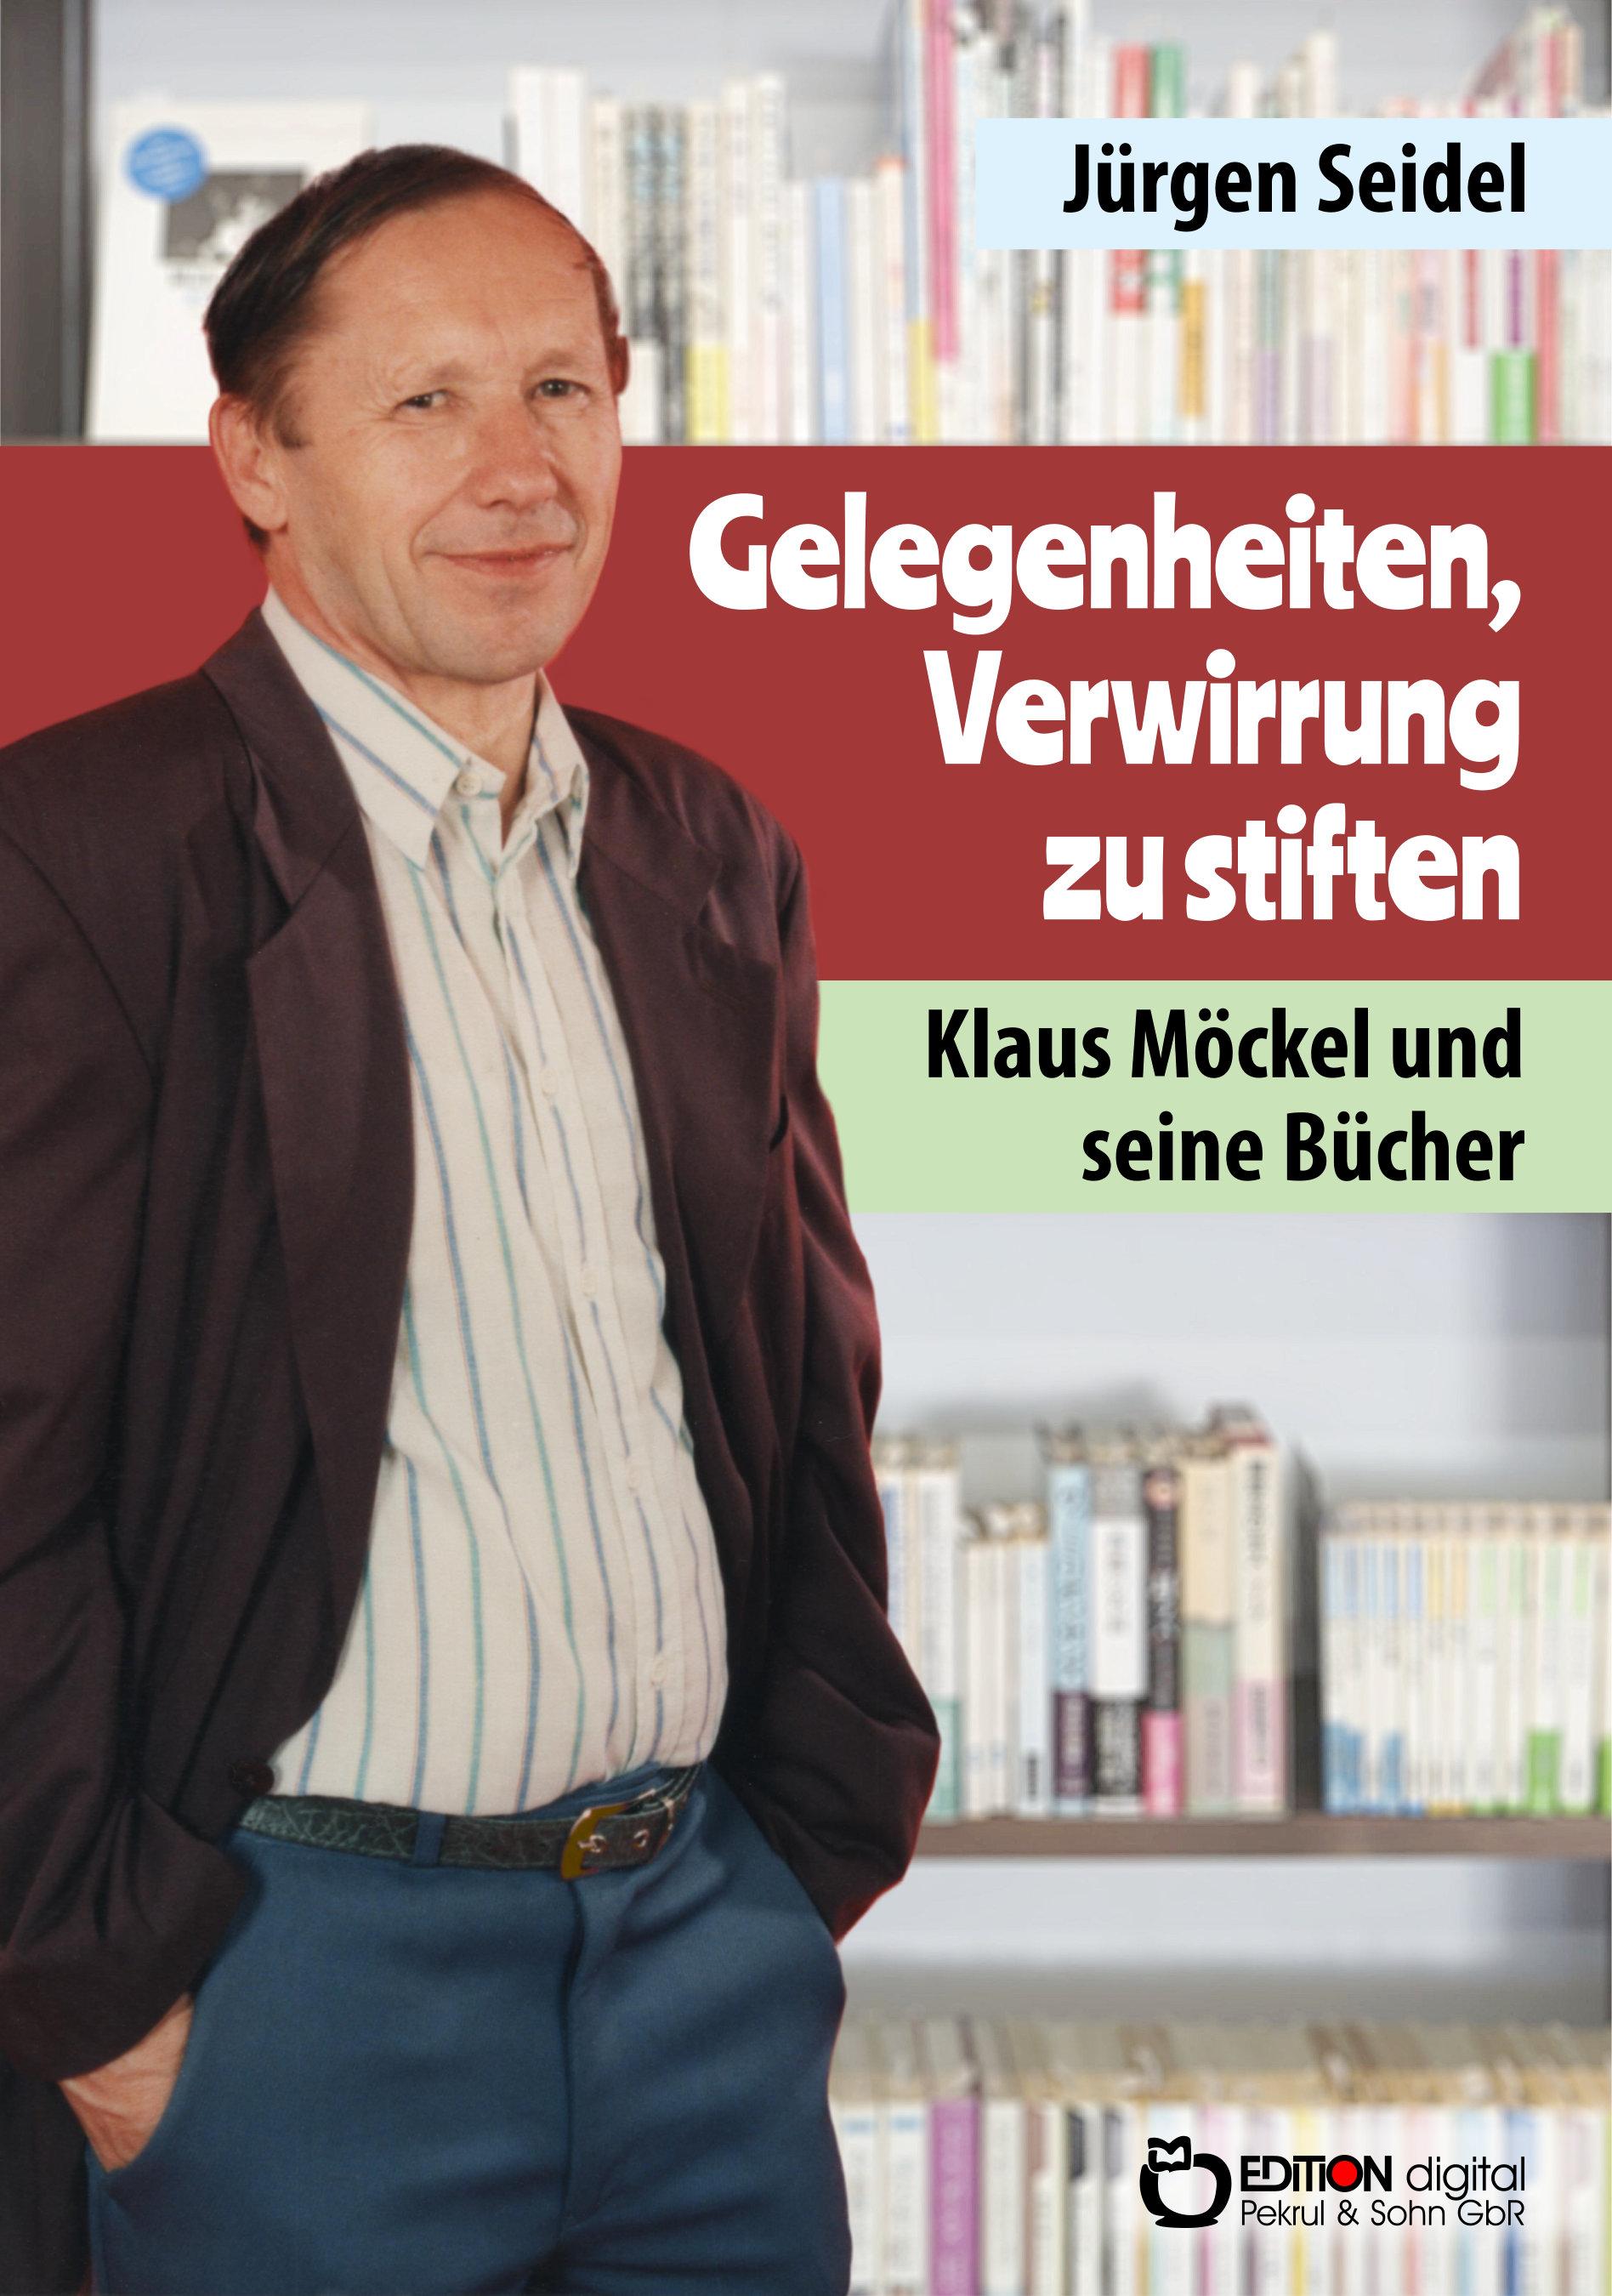 Gelegenheit, Verwirrung zu stiften. Klaus Möckel und seine Bücher von Jürgen Seidel, Klaus Möckel (Autor)